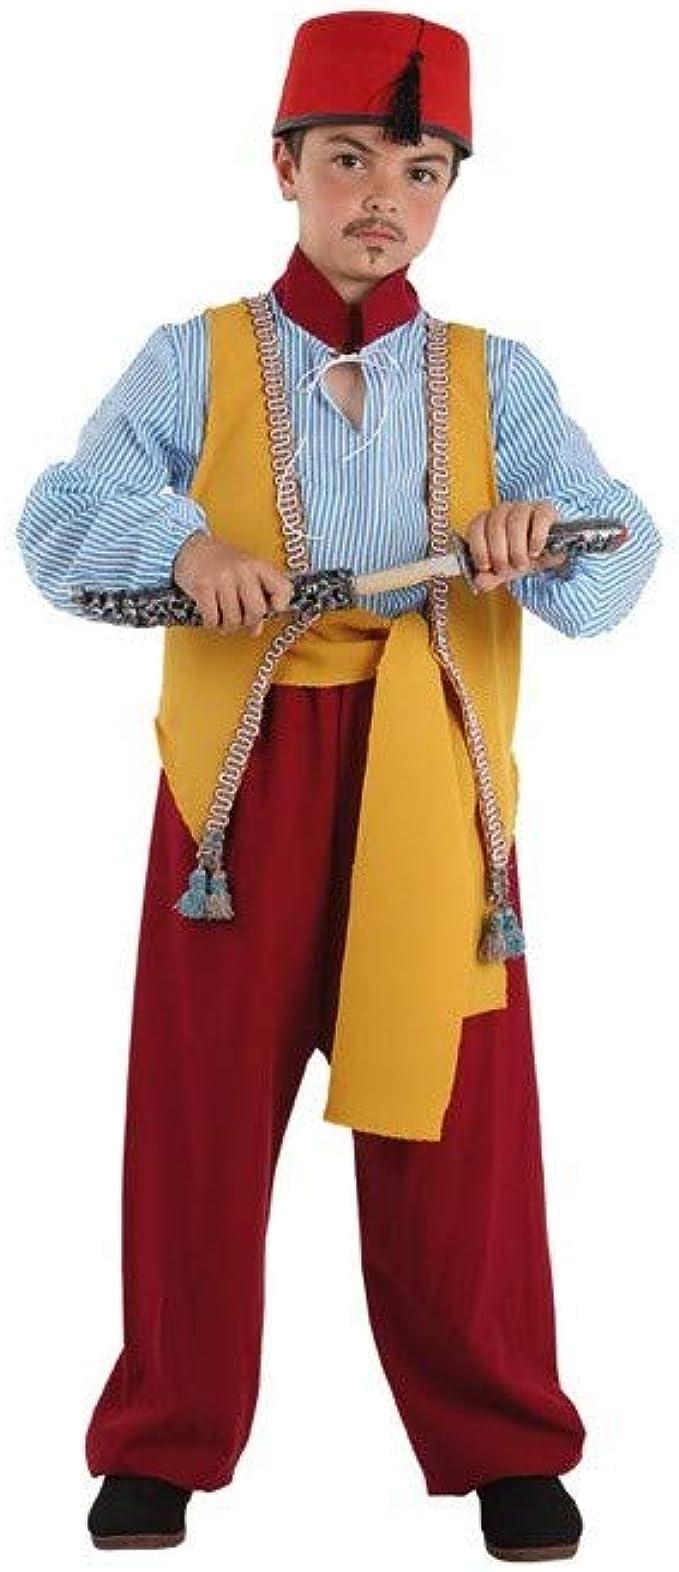 Disfraces FCR - Disfraz aladino niño talla 6: Amazon.es: Ropa y ...